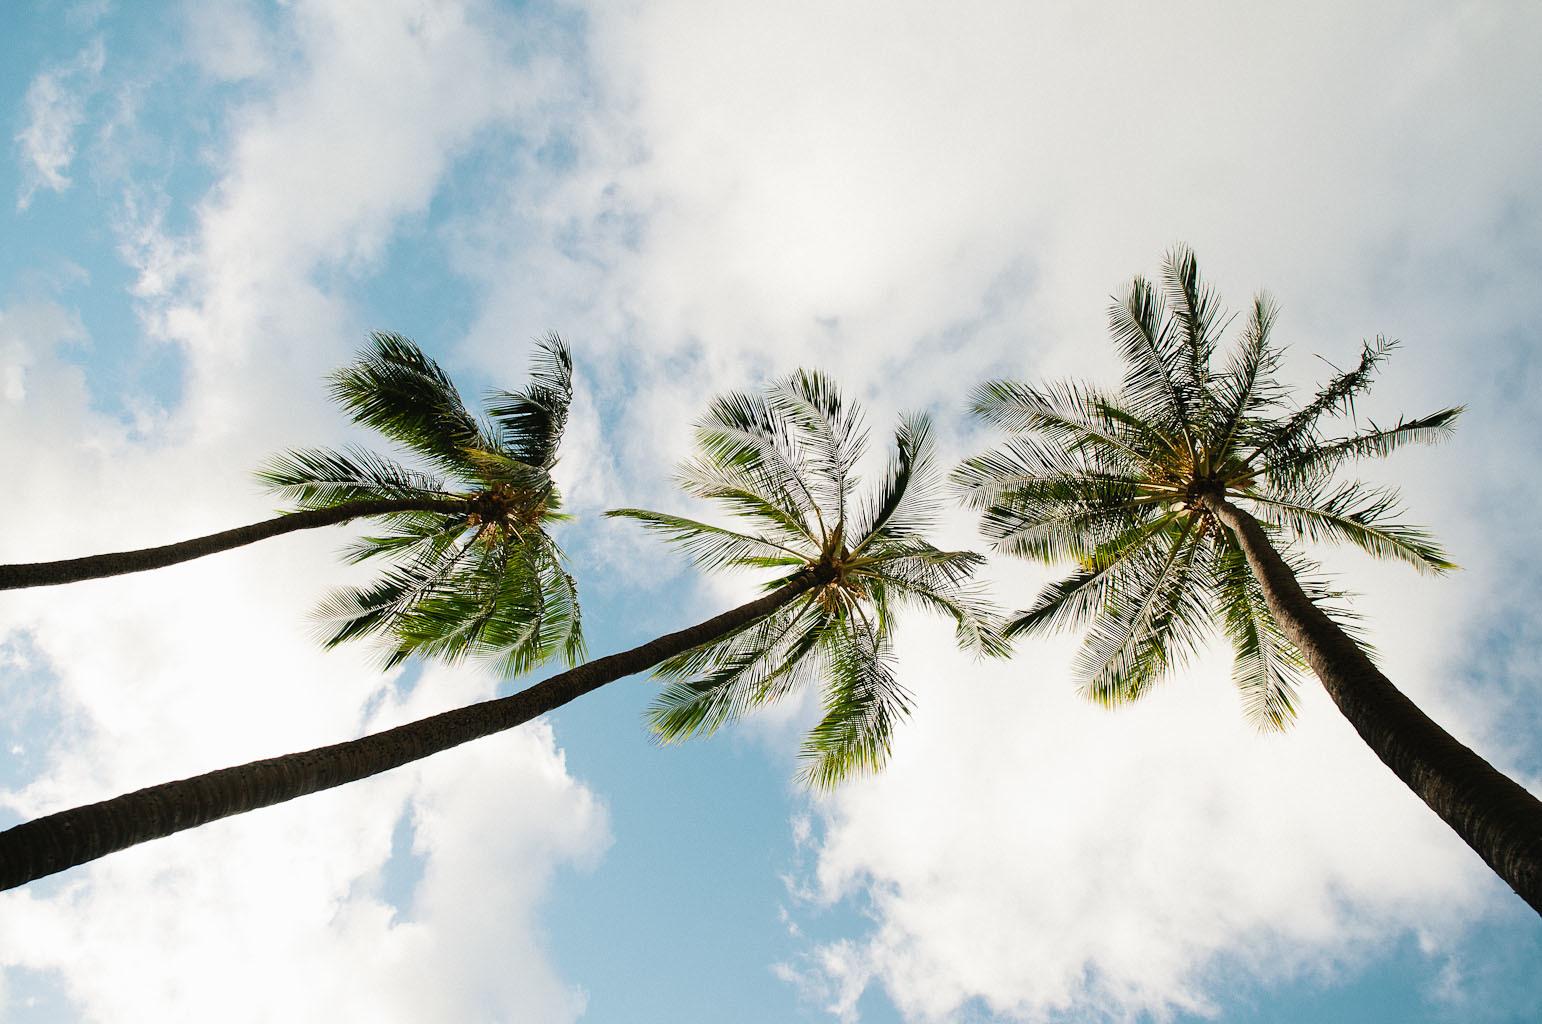 hawaii2013_80.jpg